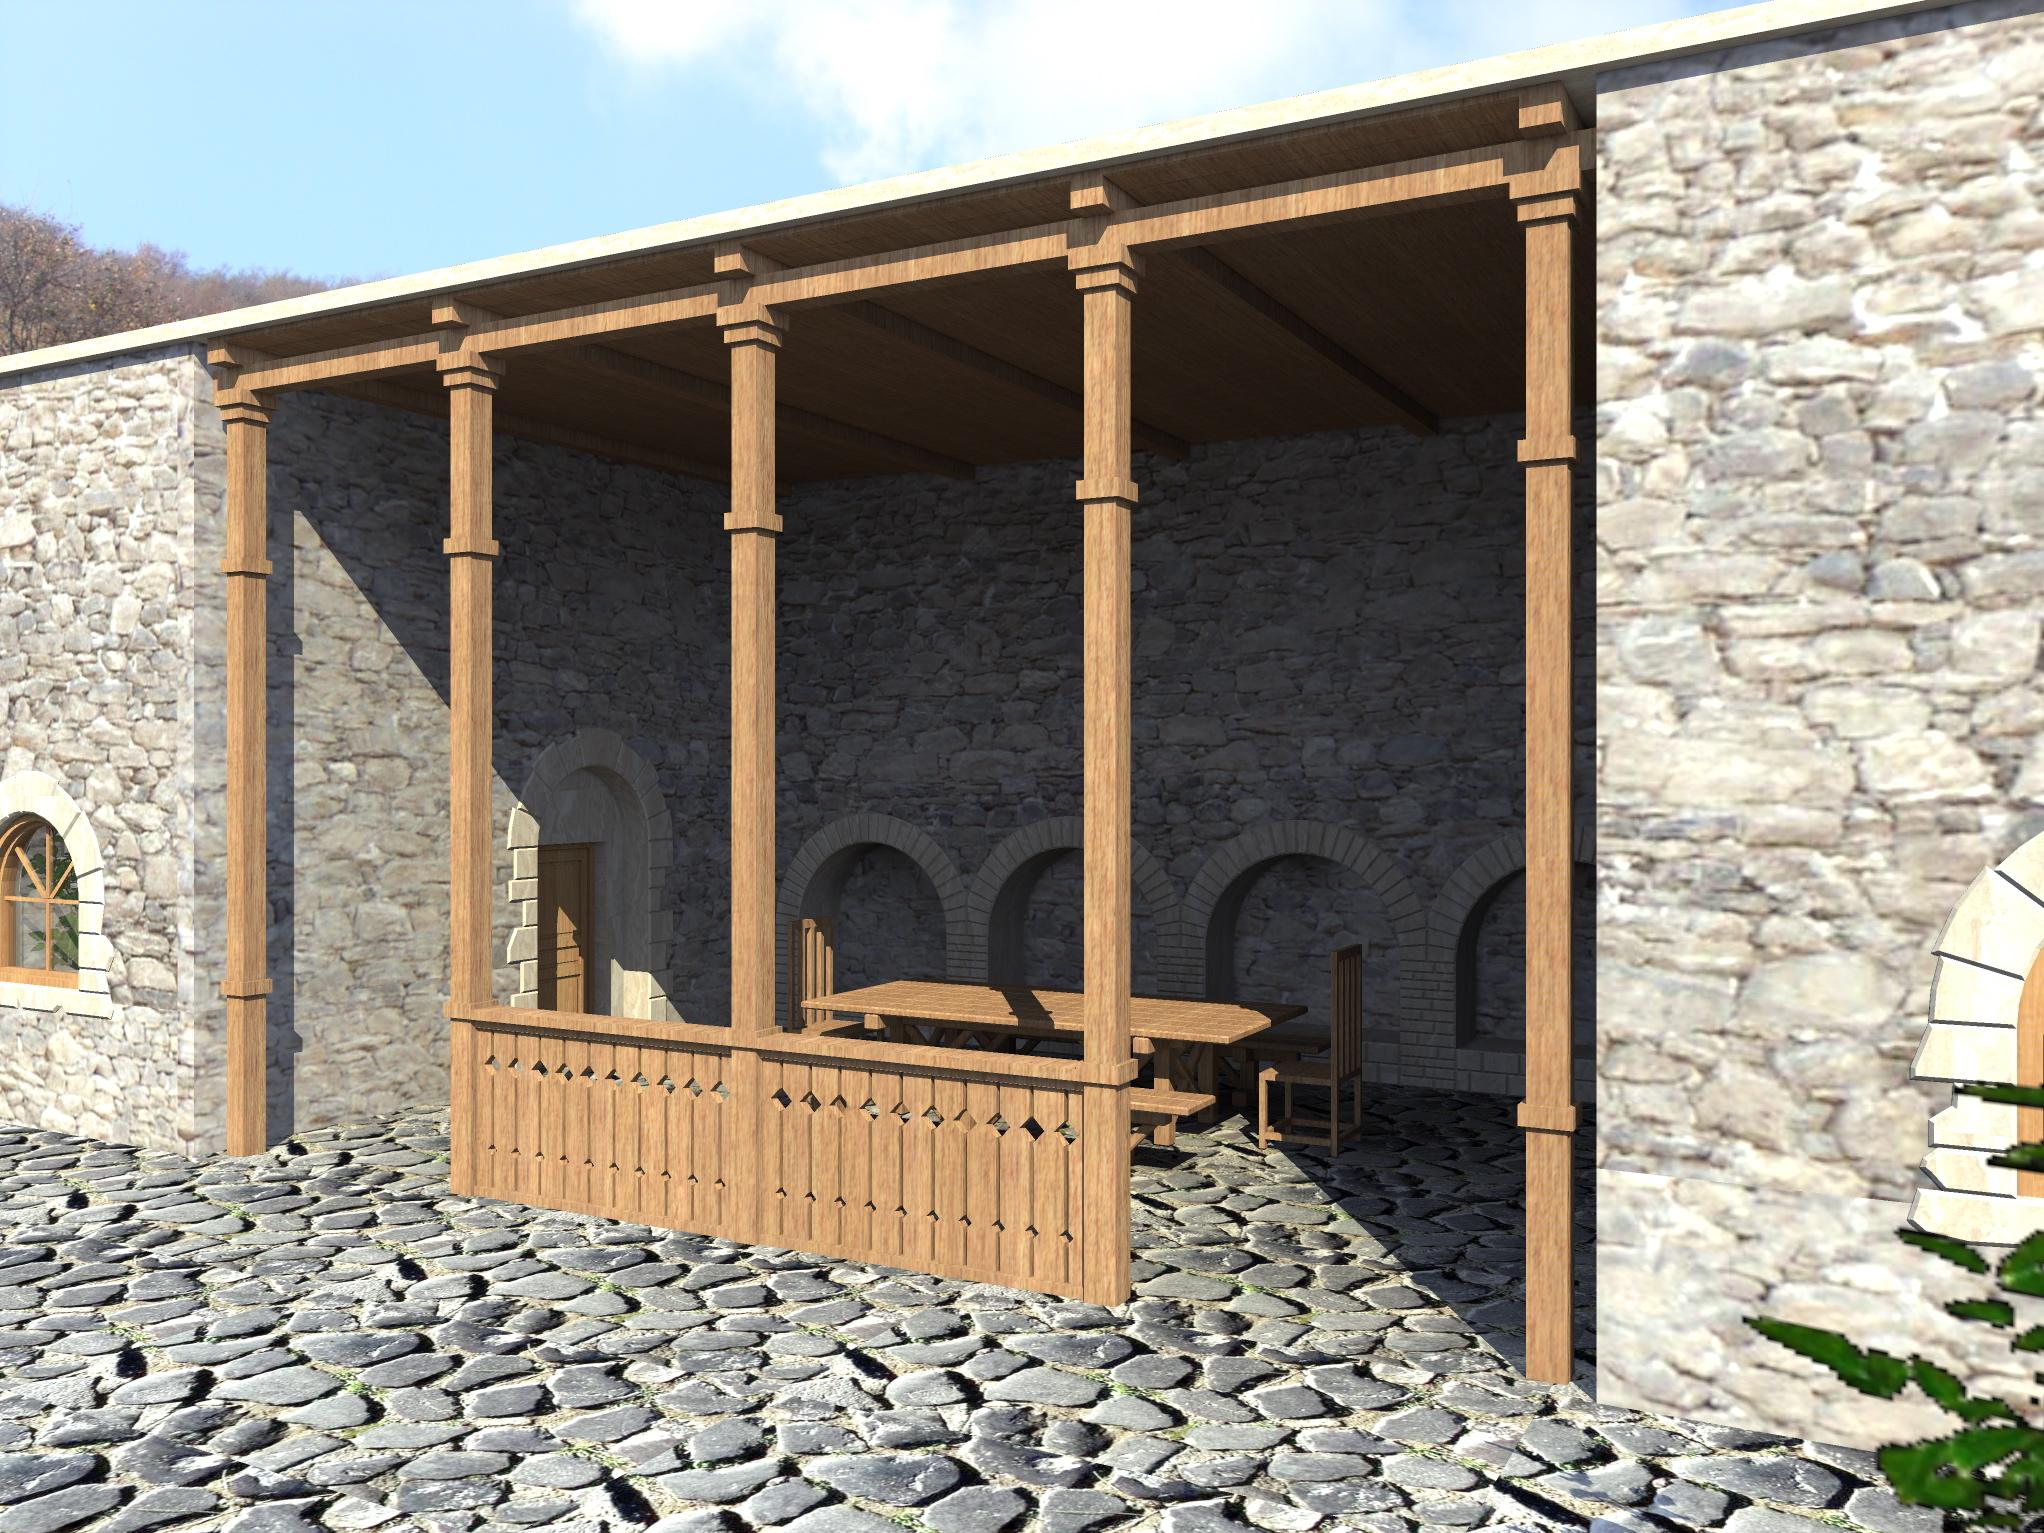 3д визуализация восстановления средневекового дворца - 4